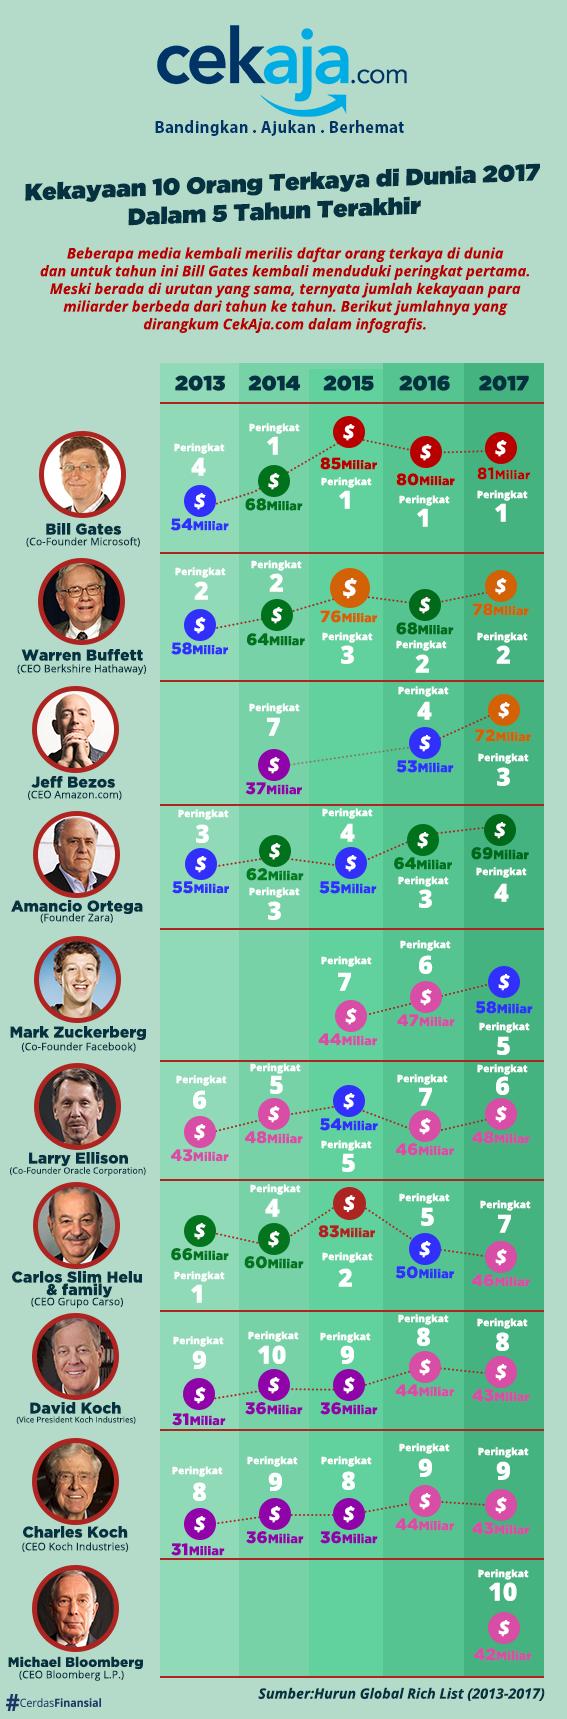 infografis orang terkaya di dunia 2017 - CekAja.com